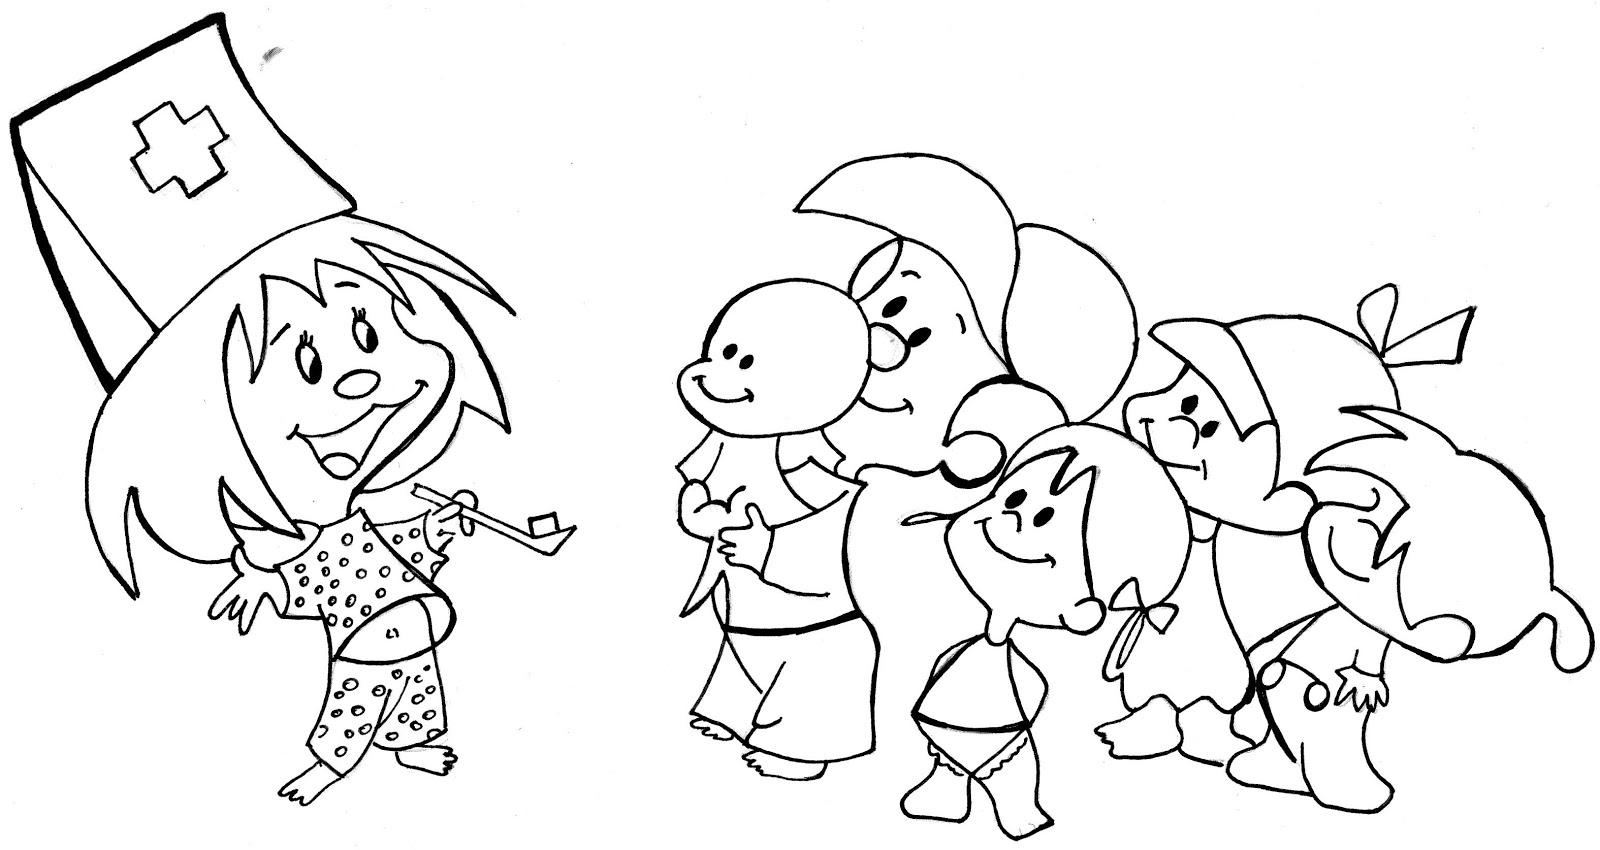 Dibujos Infantiles Para Colorear Sobre La Familia: Imagenes Para Colorear Familia